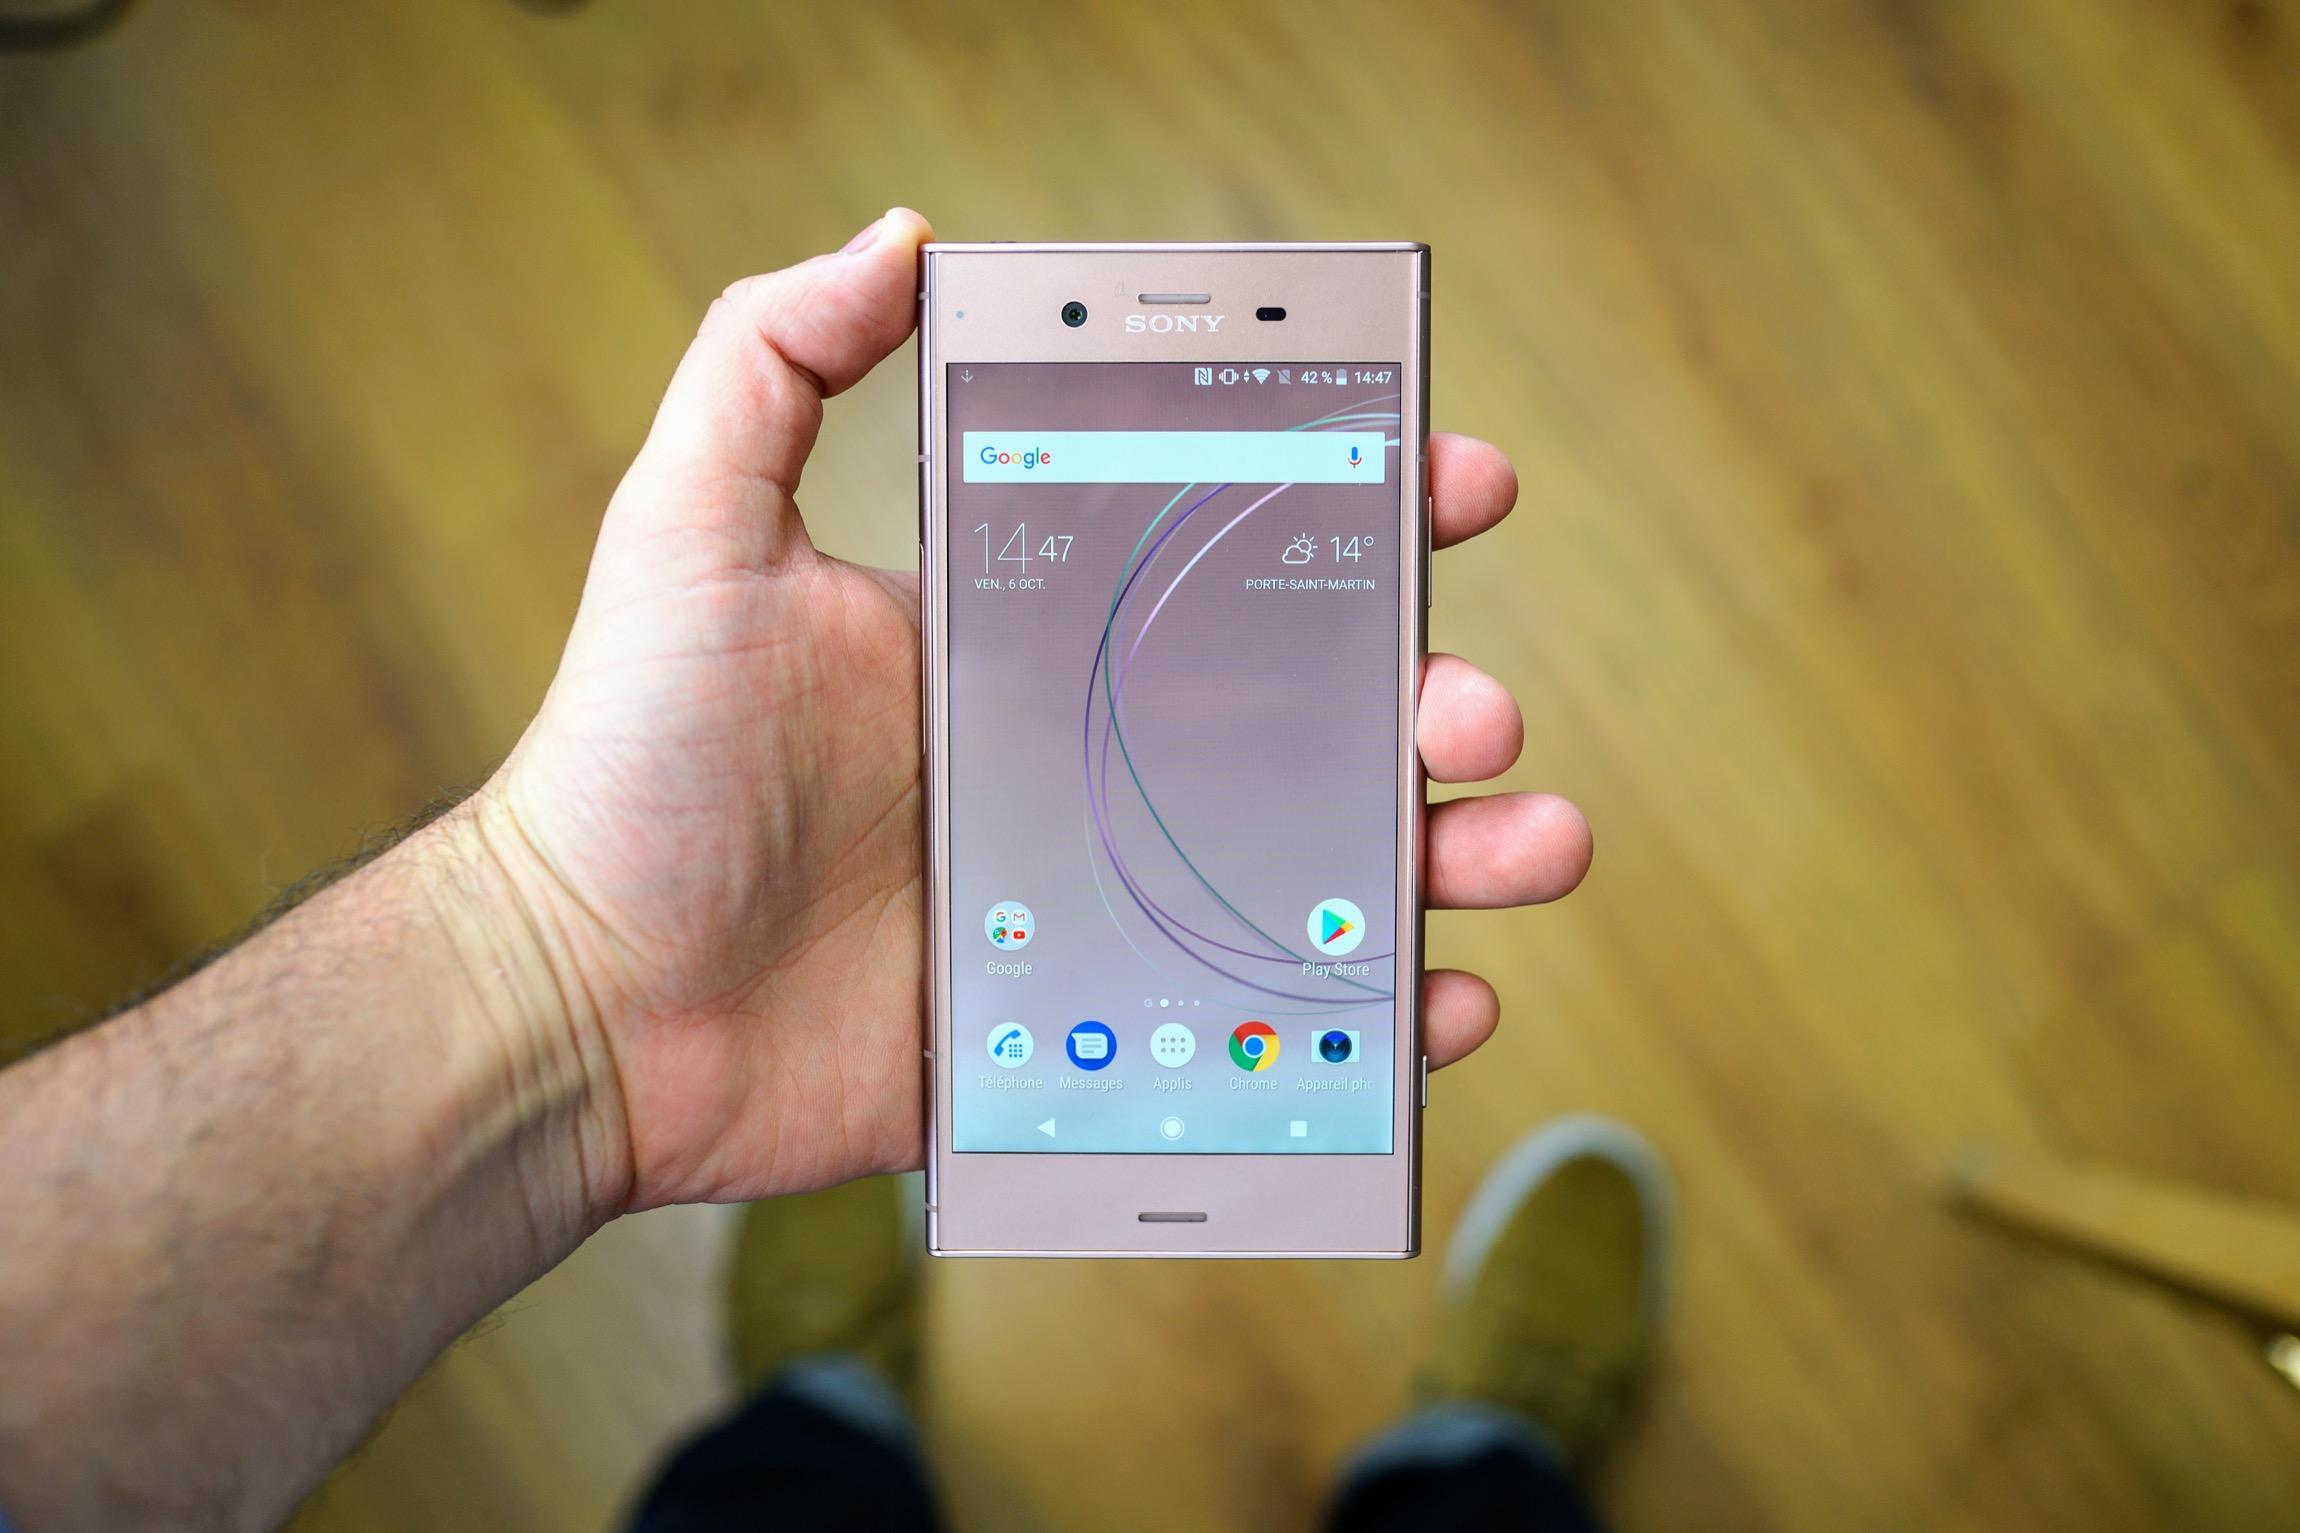 Le Sony Xperia XZ2 sera présenté au MWC 2018 et sortirait rapidement sur le marché